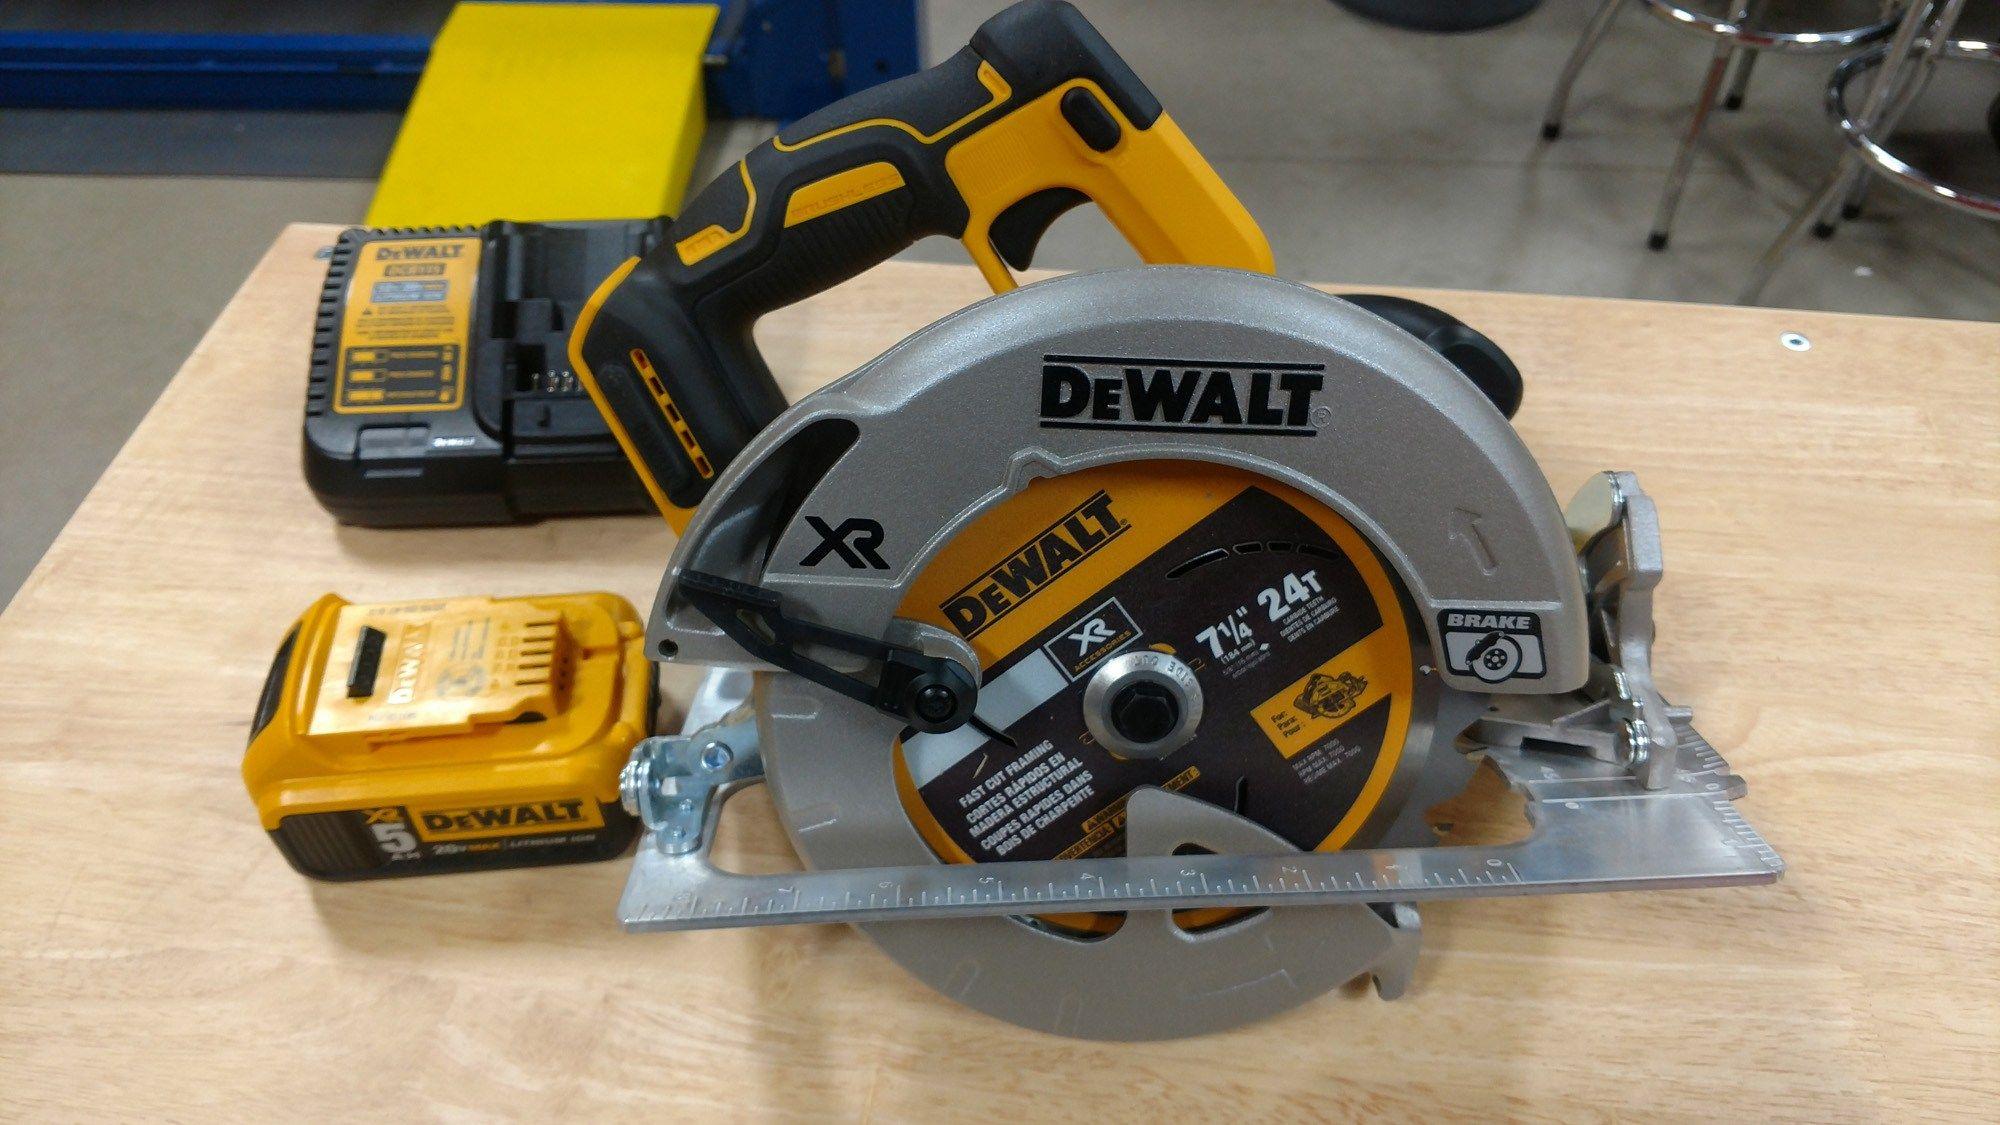 Dewalt dcs570 20v 7 14 circular saw with blade brake review dewalt dcs570 20v 7 14 circular saw with blade brake review keyboard keysfo Gallery